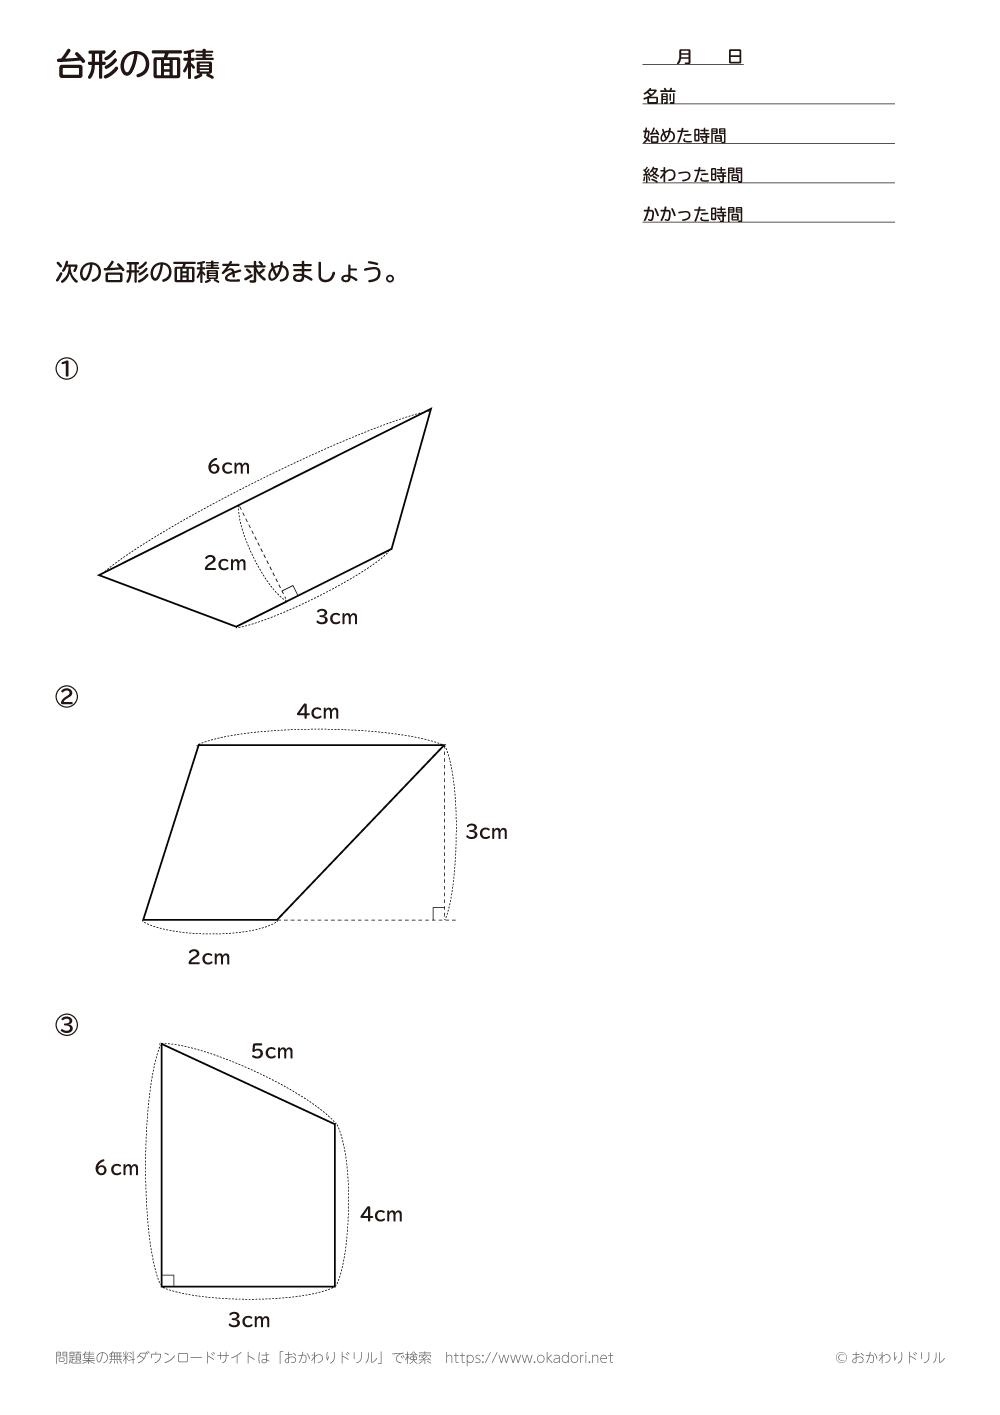 台形の面積5